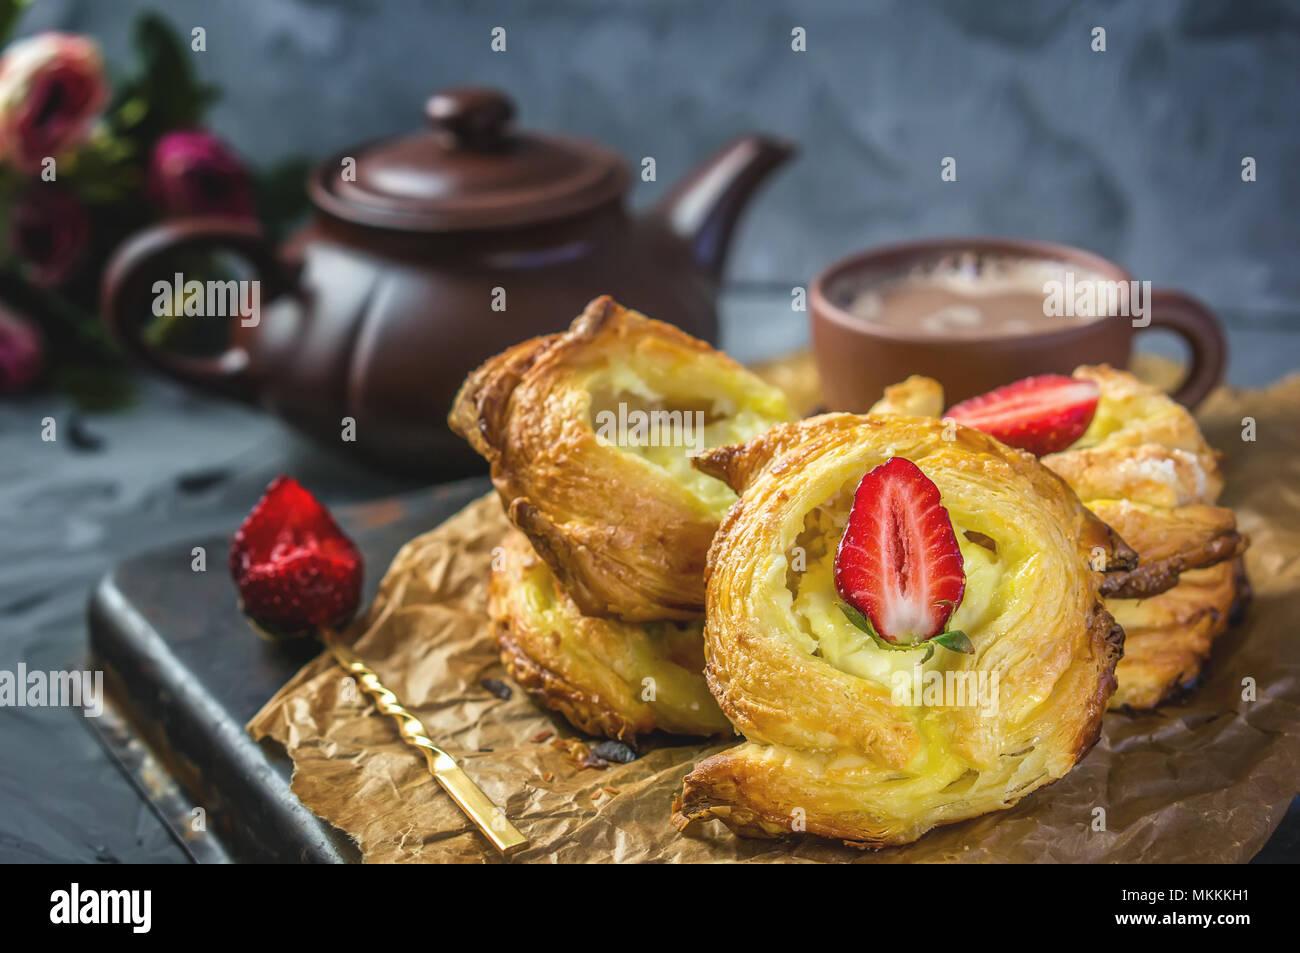 Confezioni di pasta sfoglia di formaggio, home-europeo. Home fare panini dolci per il tè. Immagini Stock